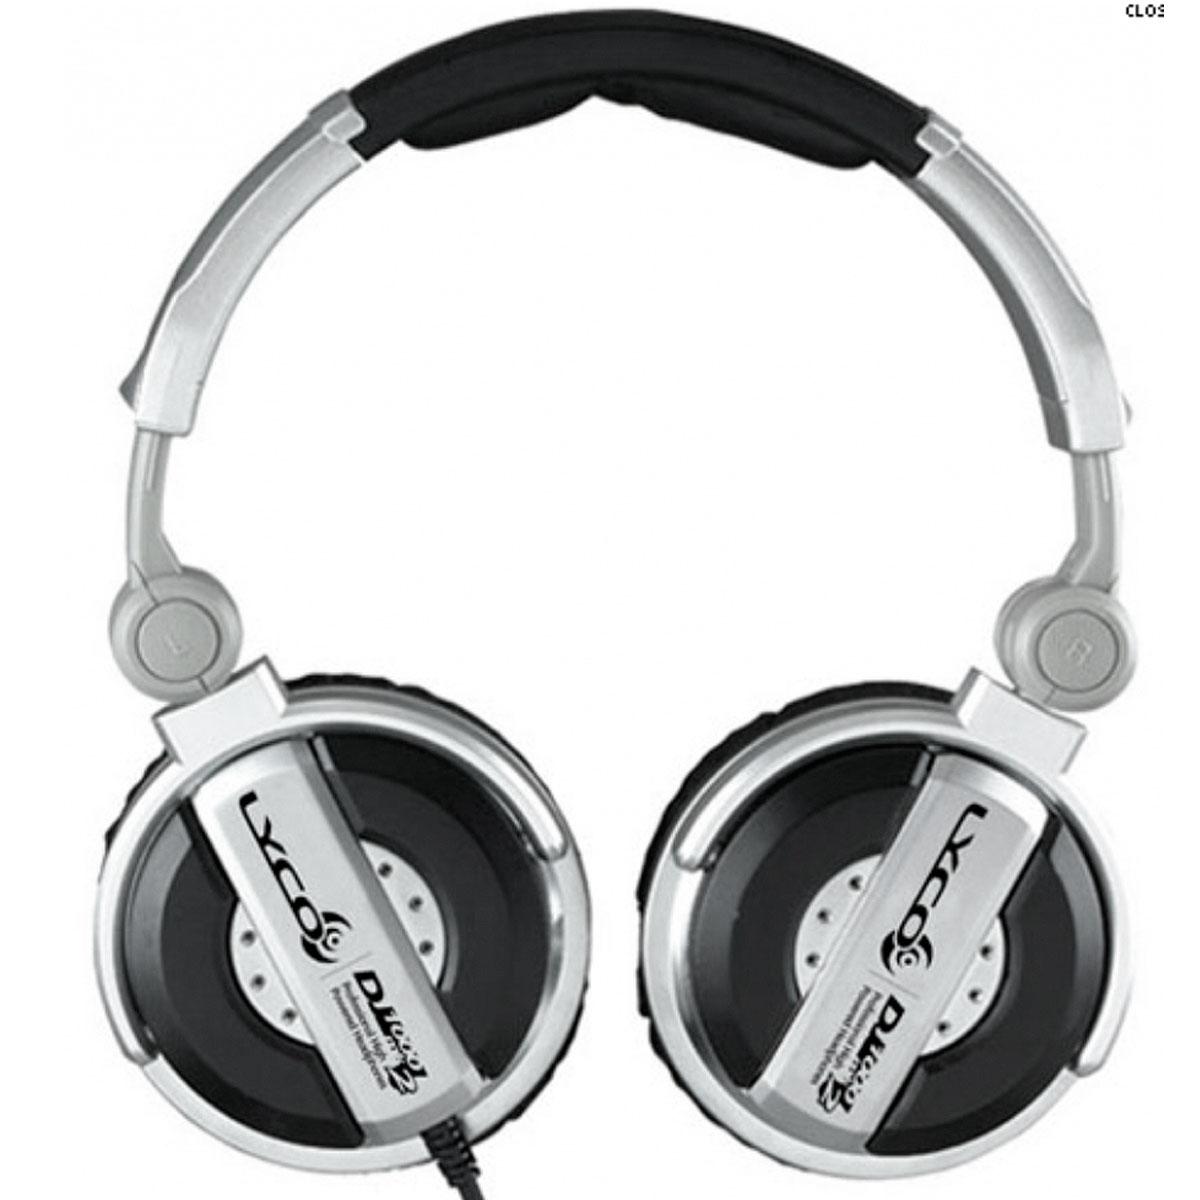 DJ1000MK2 - Fone de Ouvido Over-ear DJ 1000 MK2 - Lyco